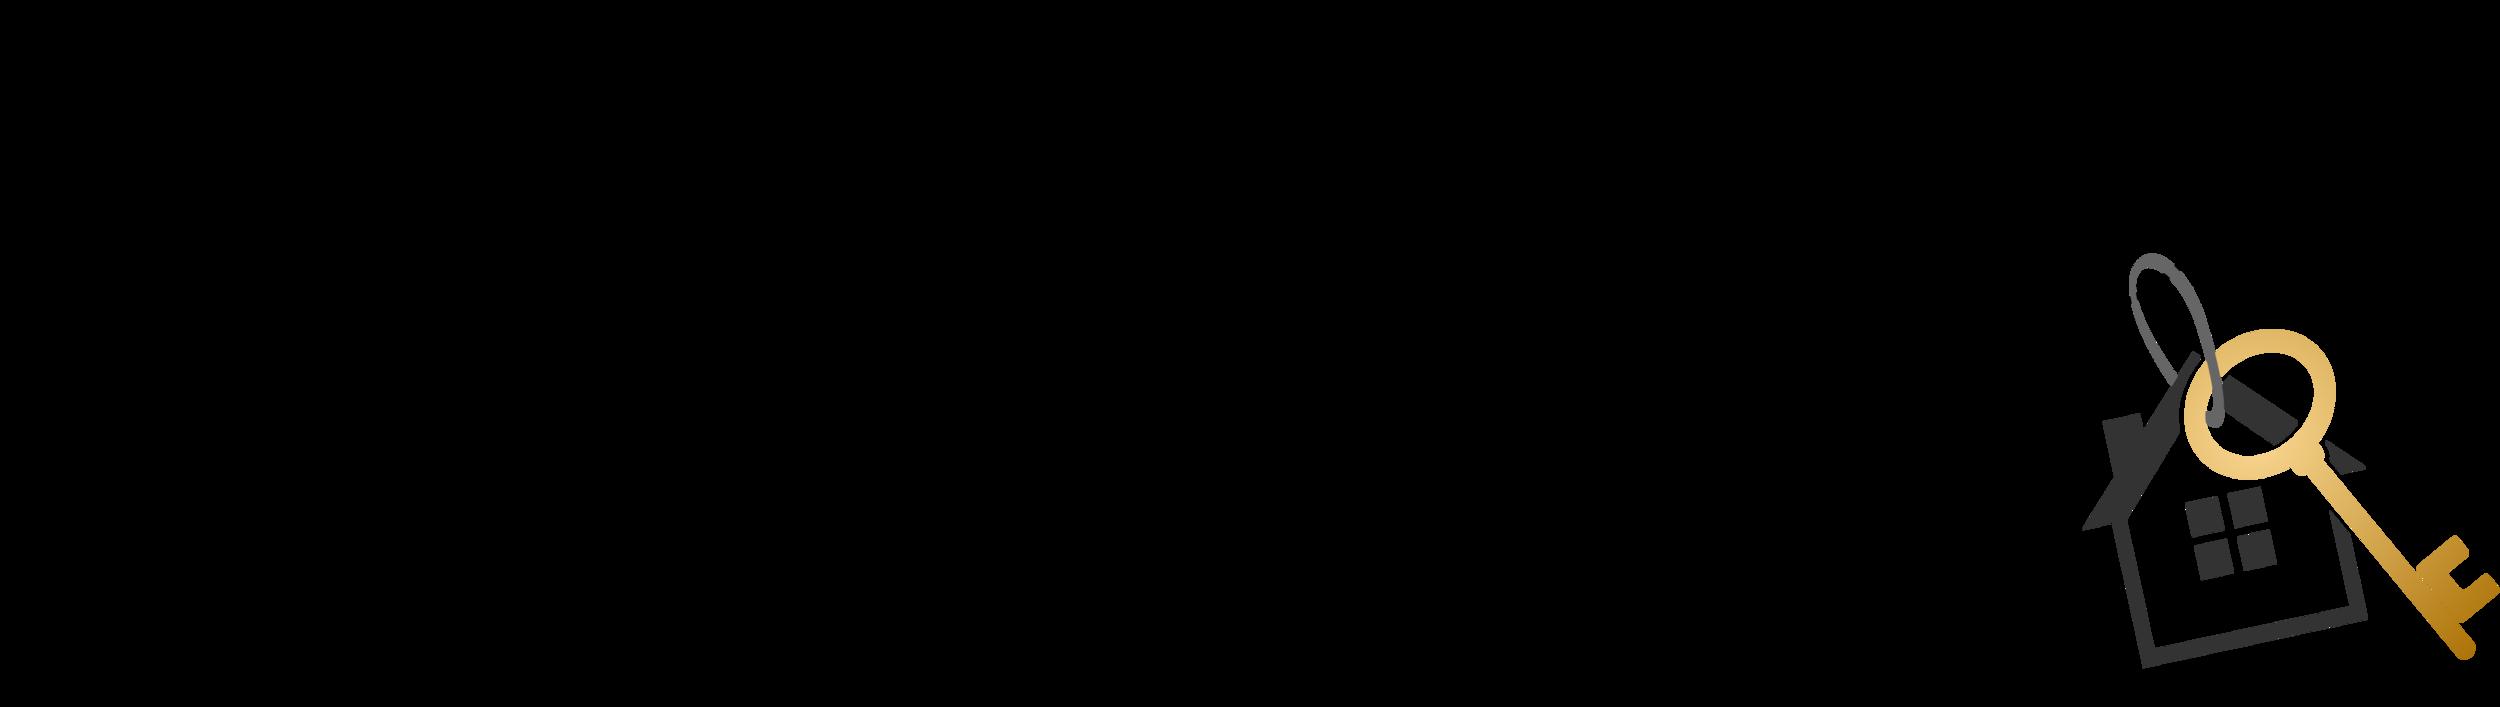 Alternative Logo Transparent Background.png